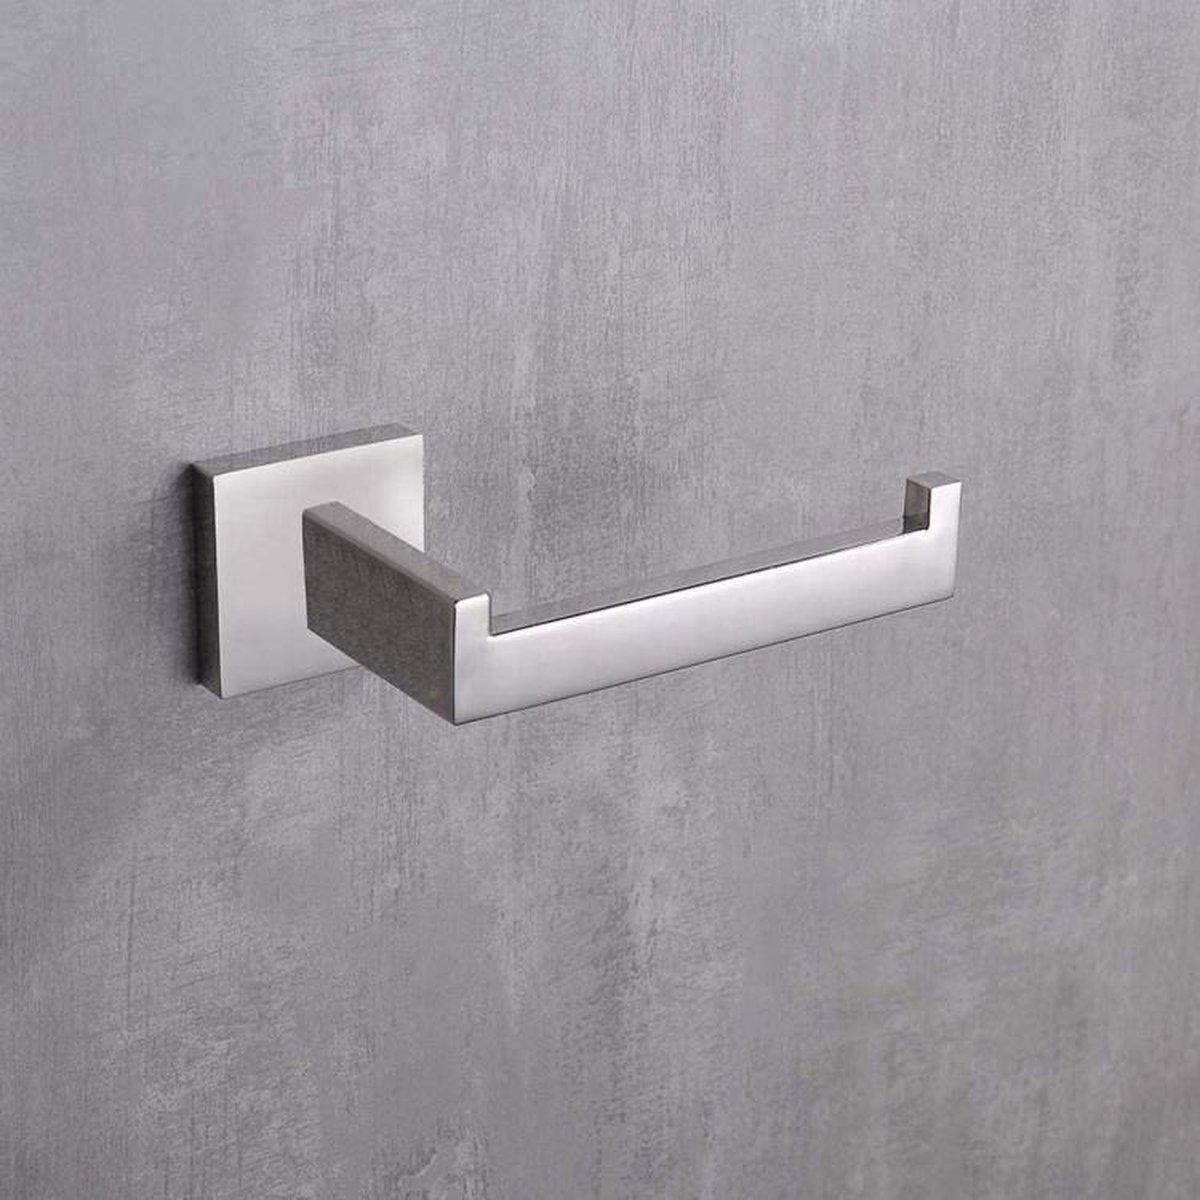 Wc Rolhouder Toiletrolhouder Staand Luxe WC Rol Houder RVS - Wcrolhouder - WC Papier Toiletpapier Houder Staand - Handdoekhaakjes